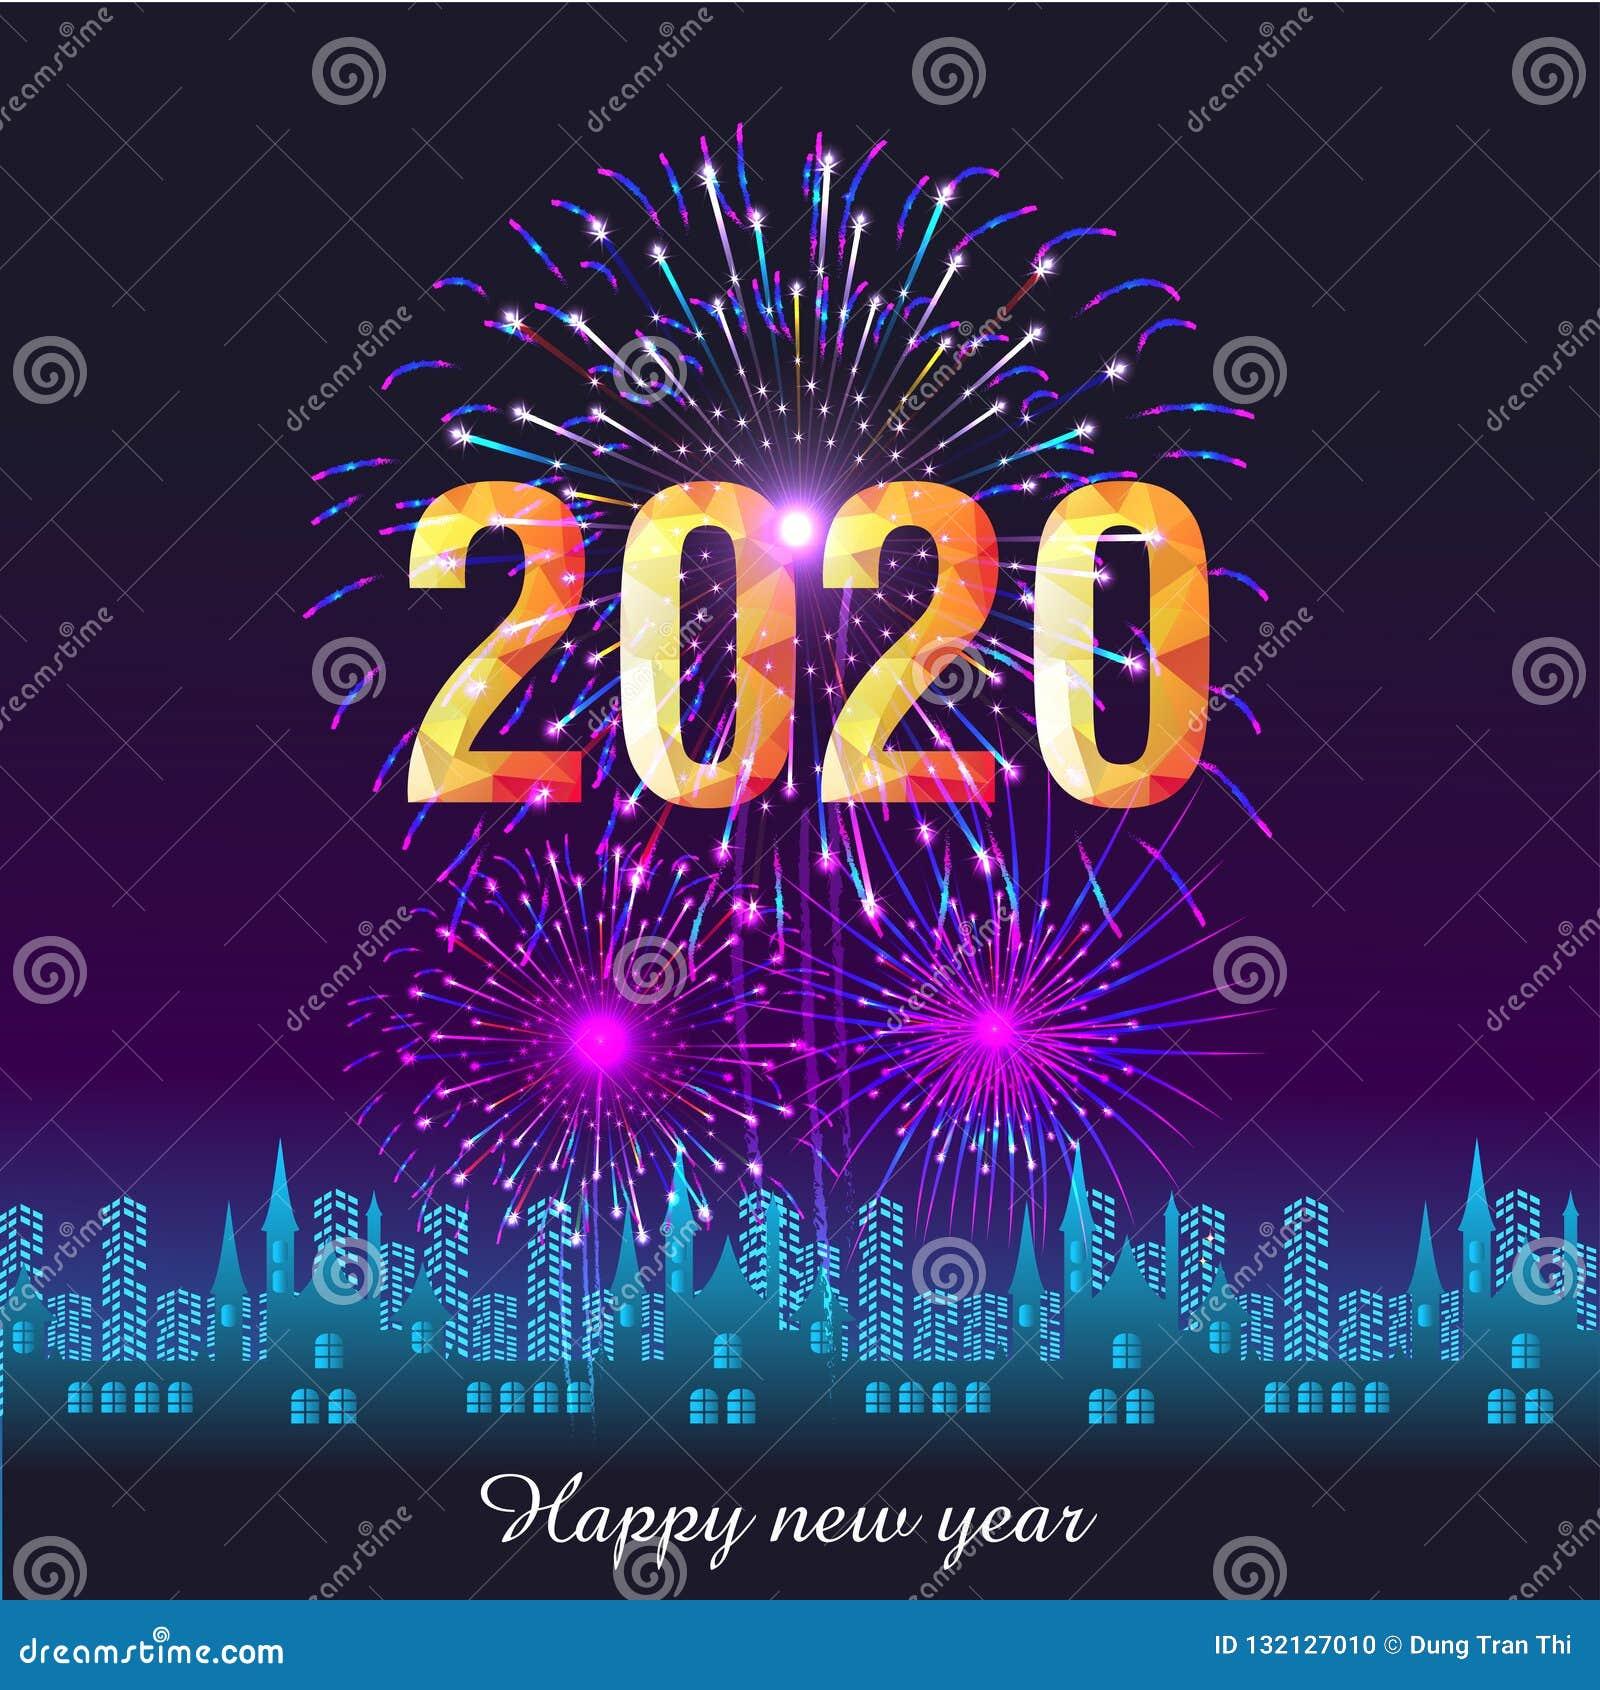 Calendrier Feu D Artifice 2020.Fond 2020 De Bonne Annee Avec Des Feux D Artifice